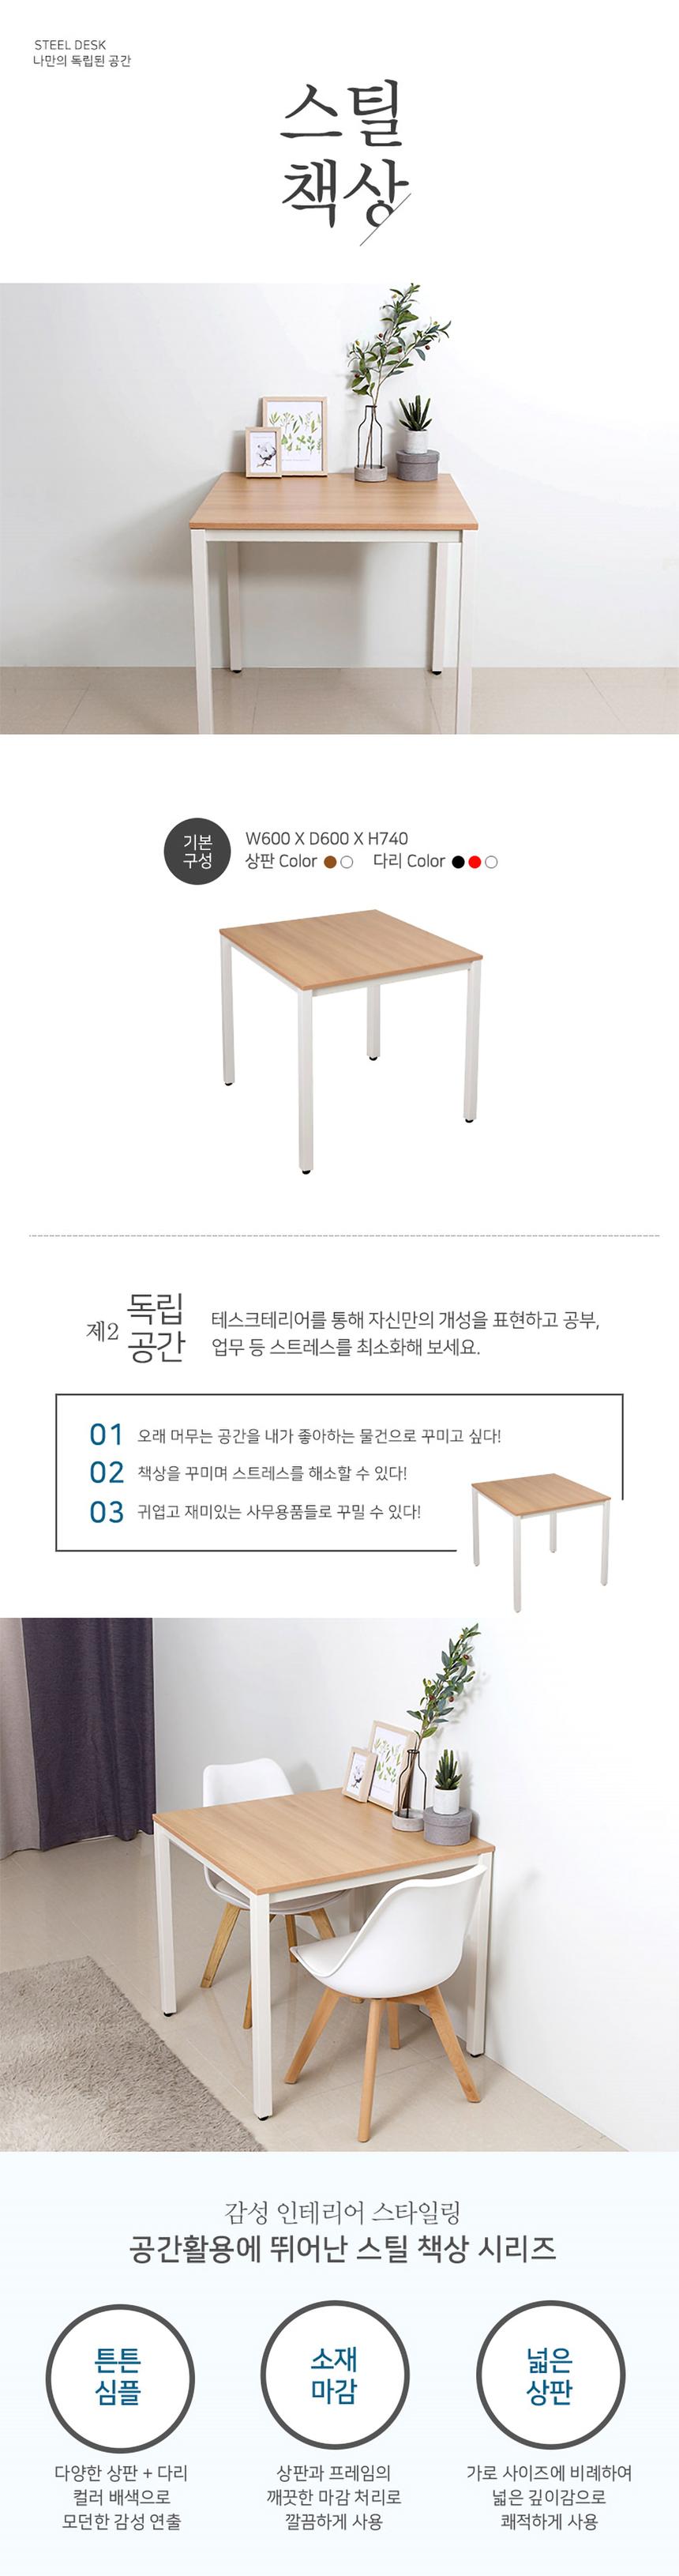 필웰스틸프레임책상600x600 - 필웰, 109,000원, 책상/의자, 일반 책상